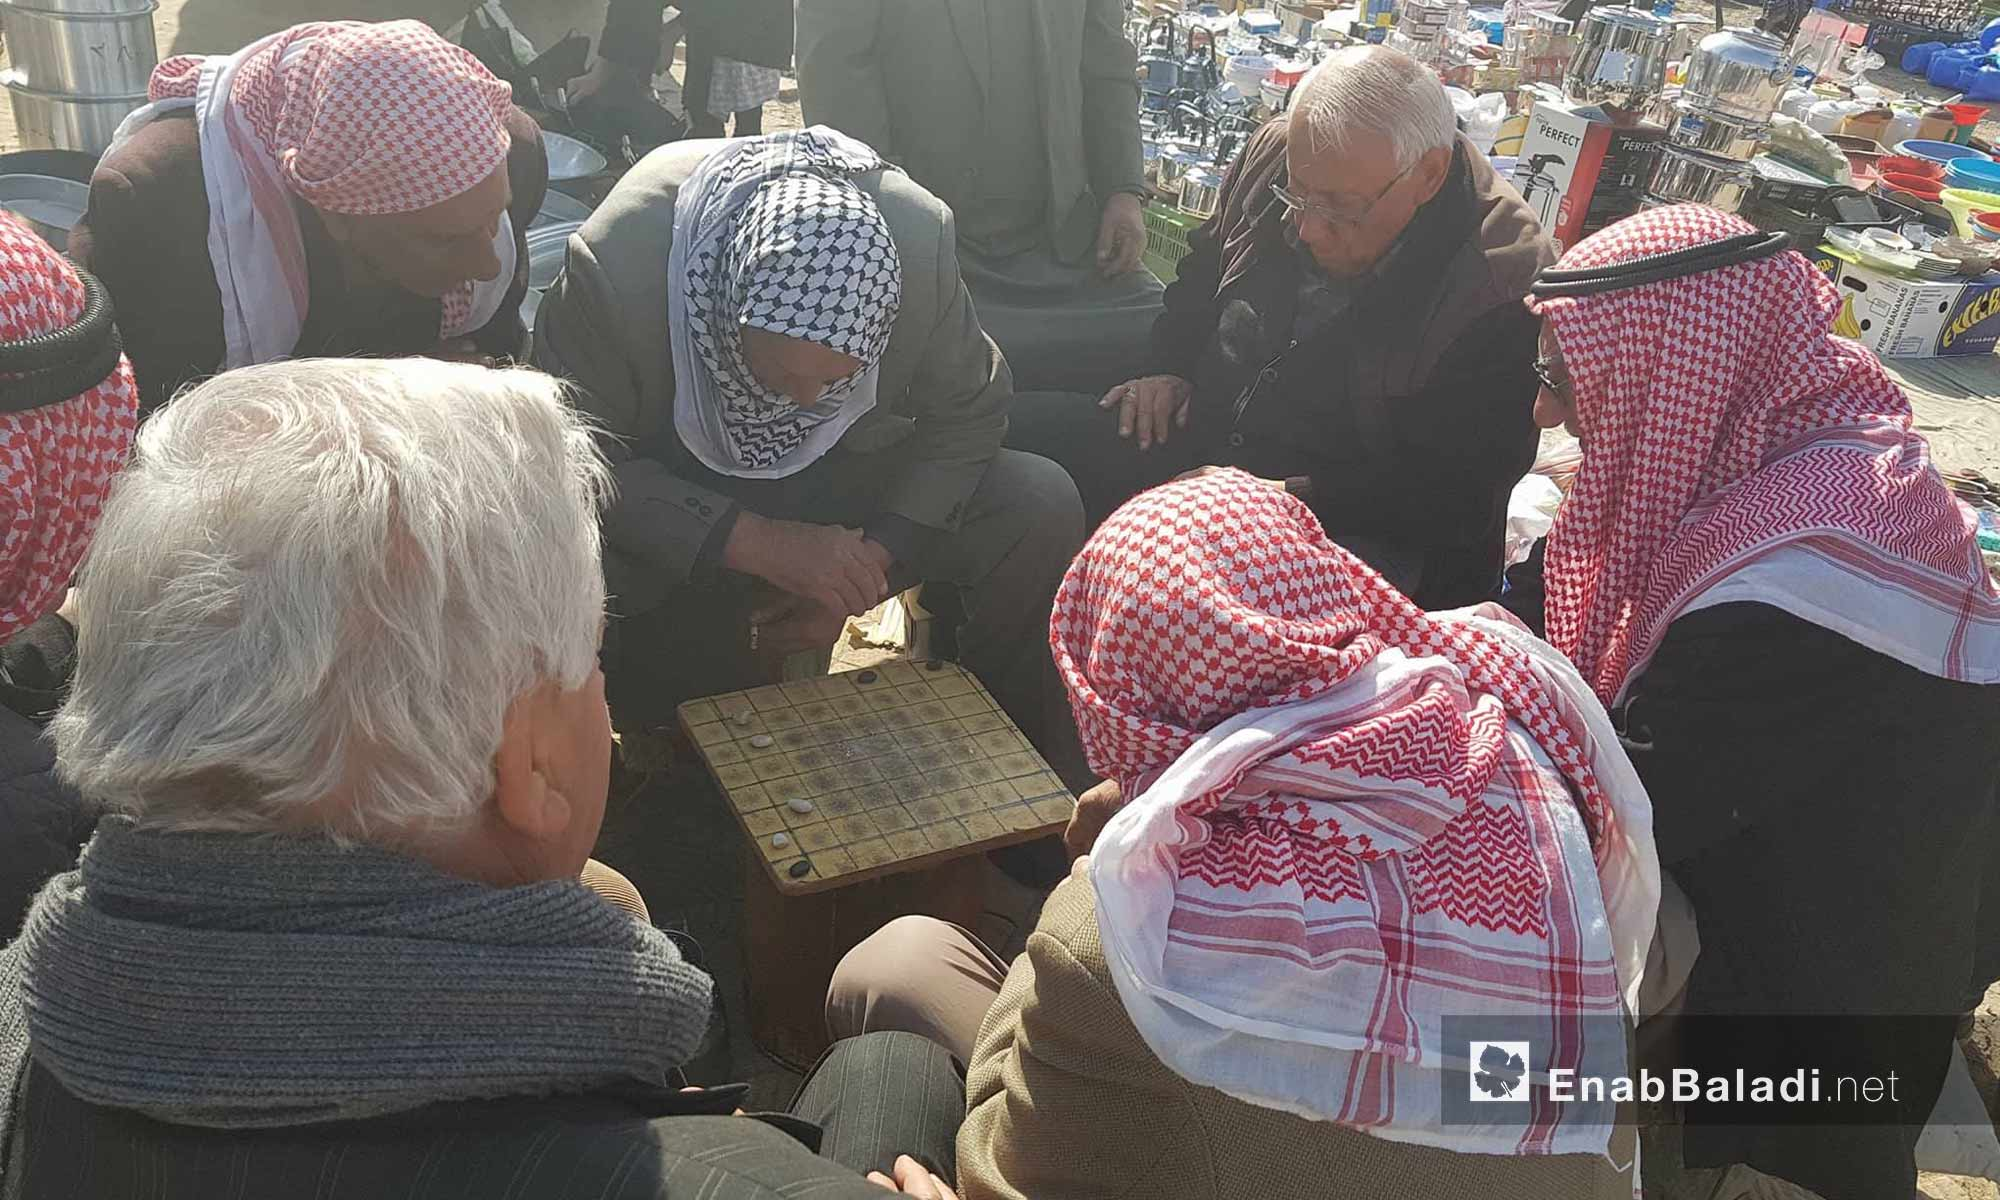 مسنون يلعبون لعبة محلية في سوق حطين في مدينة القامشلي - 4 شباط 2018 (عنب بلدي)